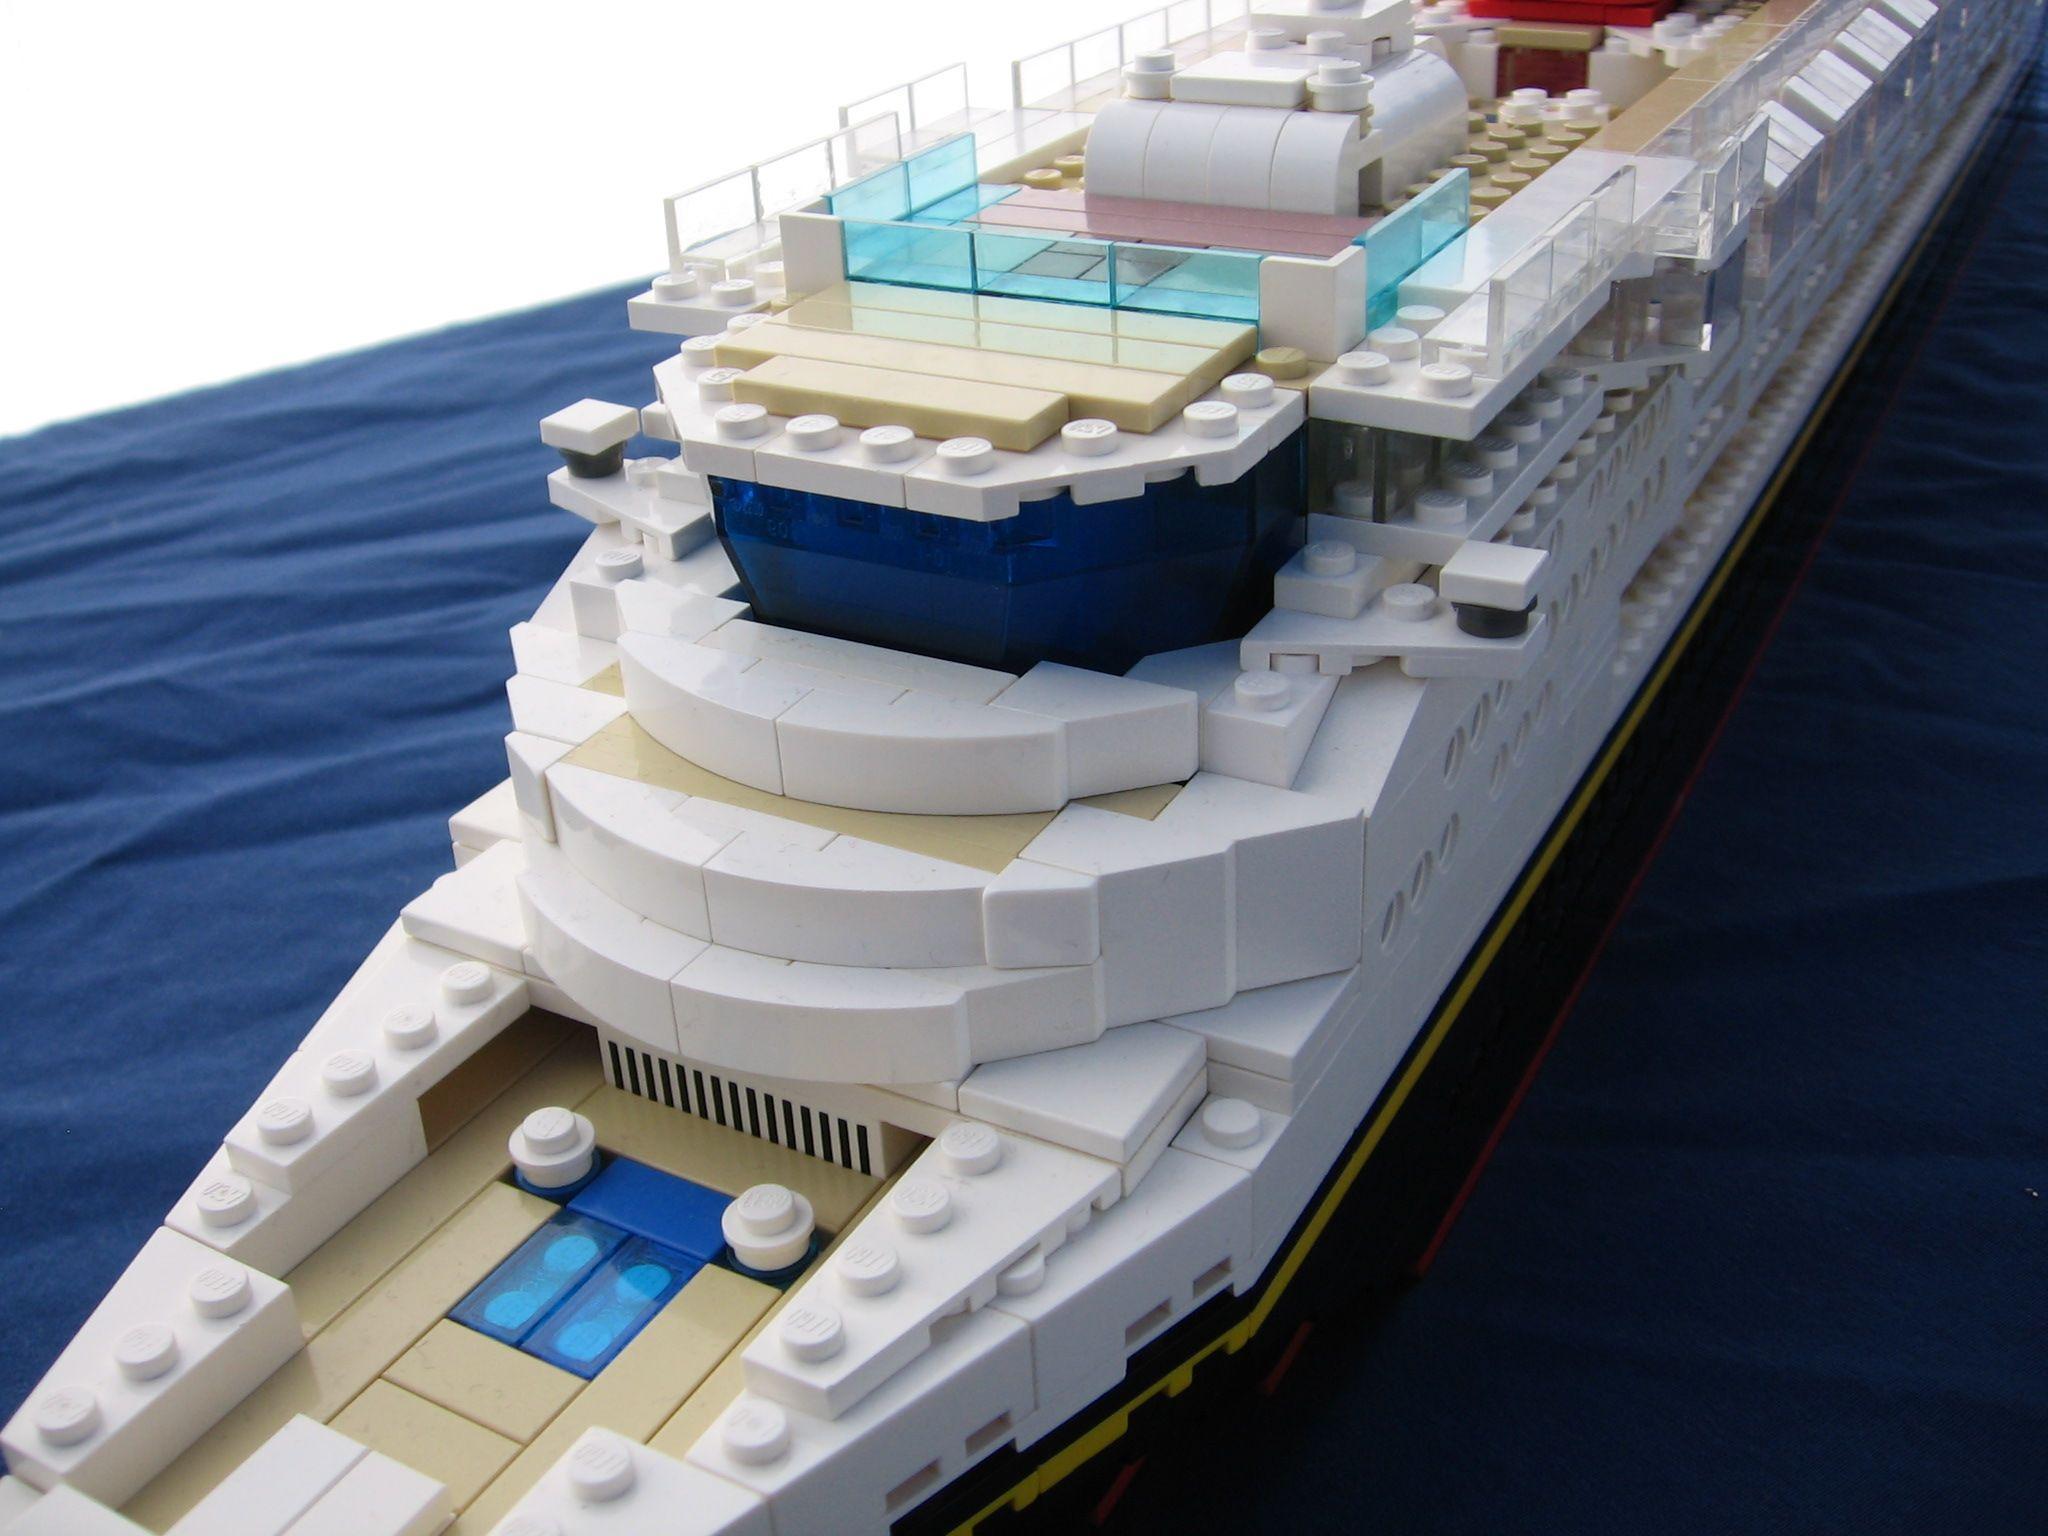 Lego Disney Cruise Ship Bridge Close-Up